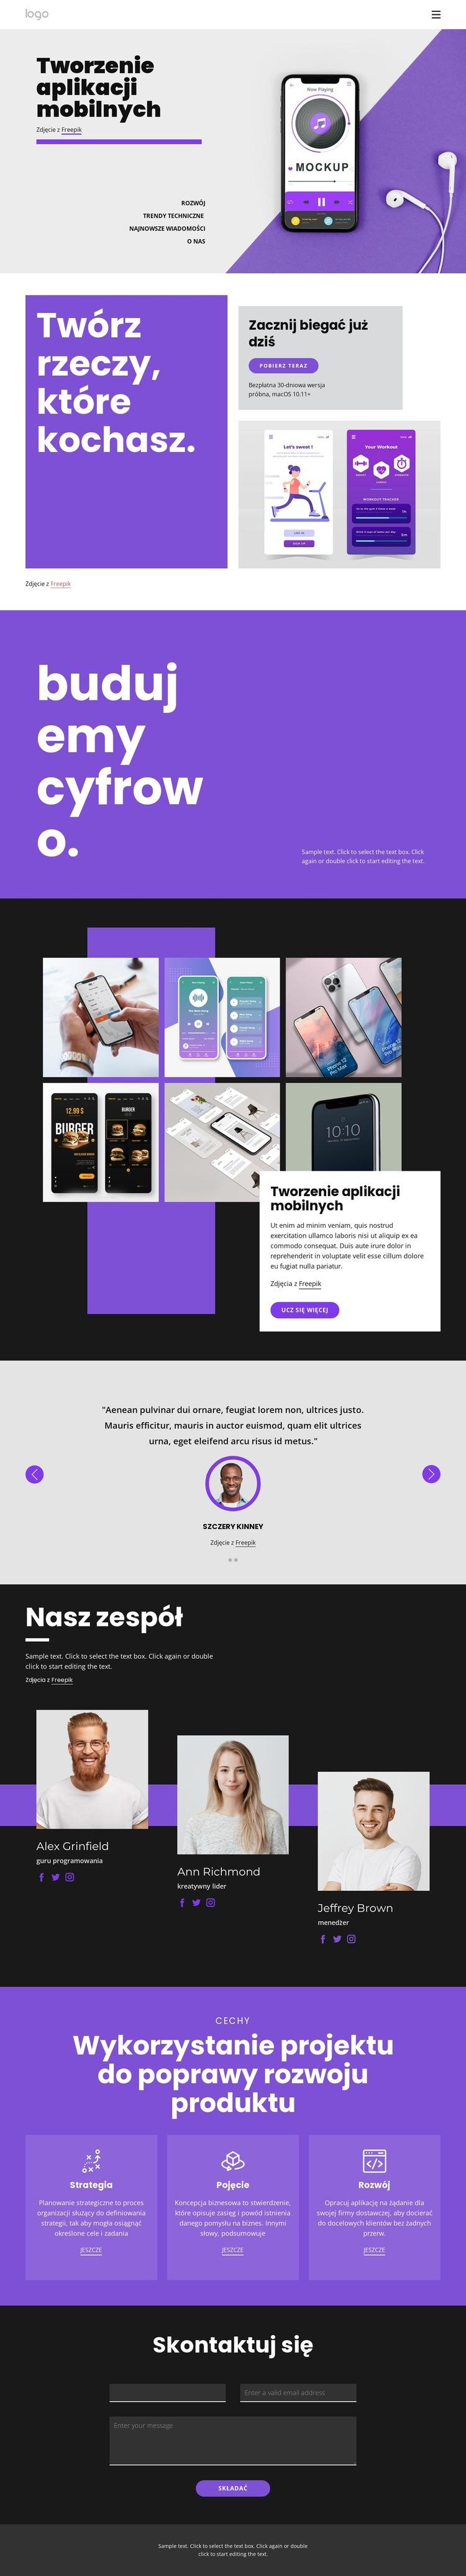 Tworzenie aplikacji mobilnych Szablon witryny sieci Web